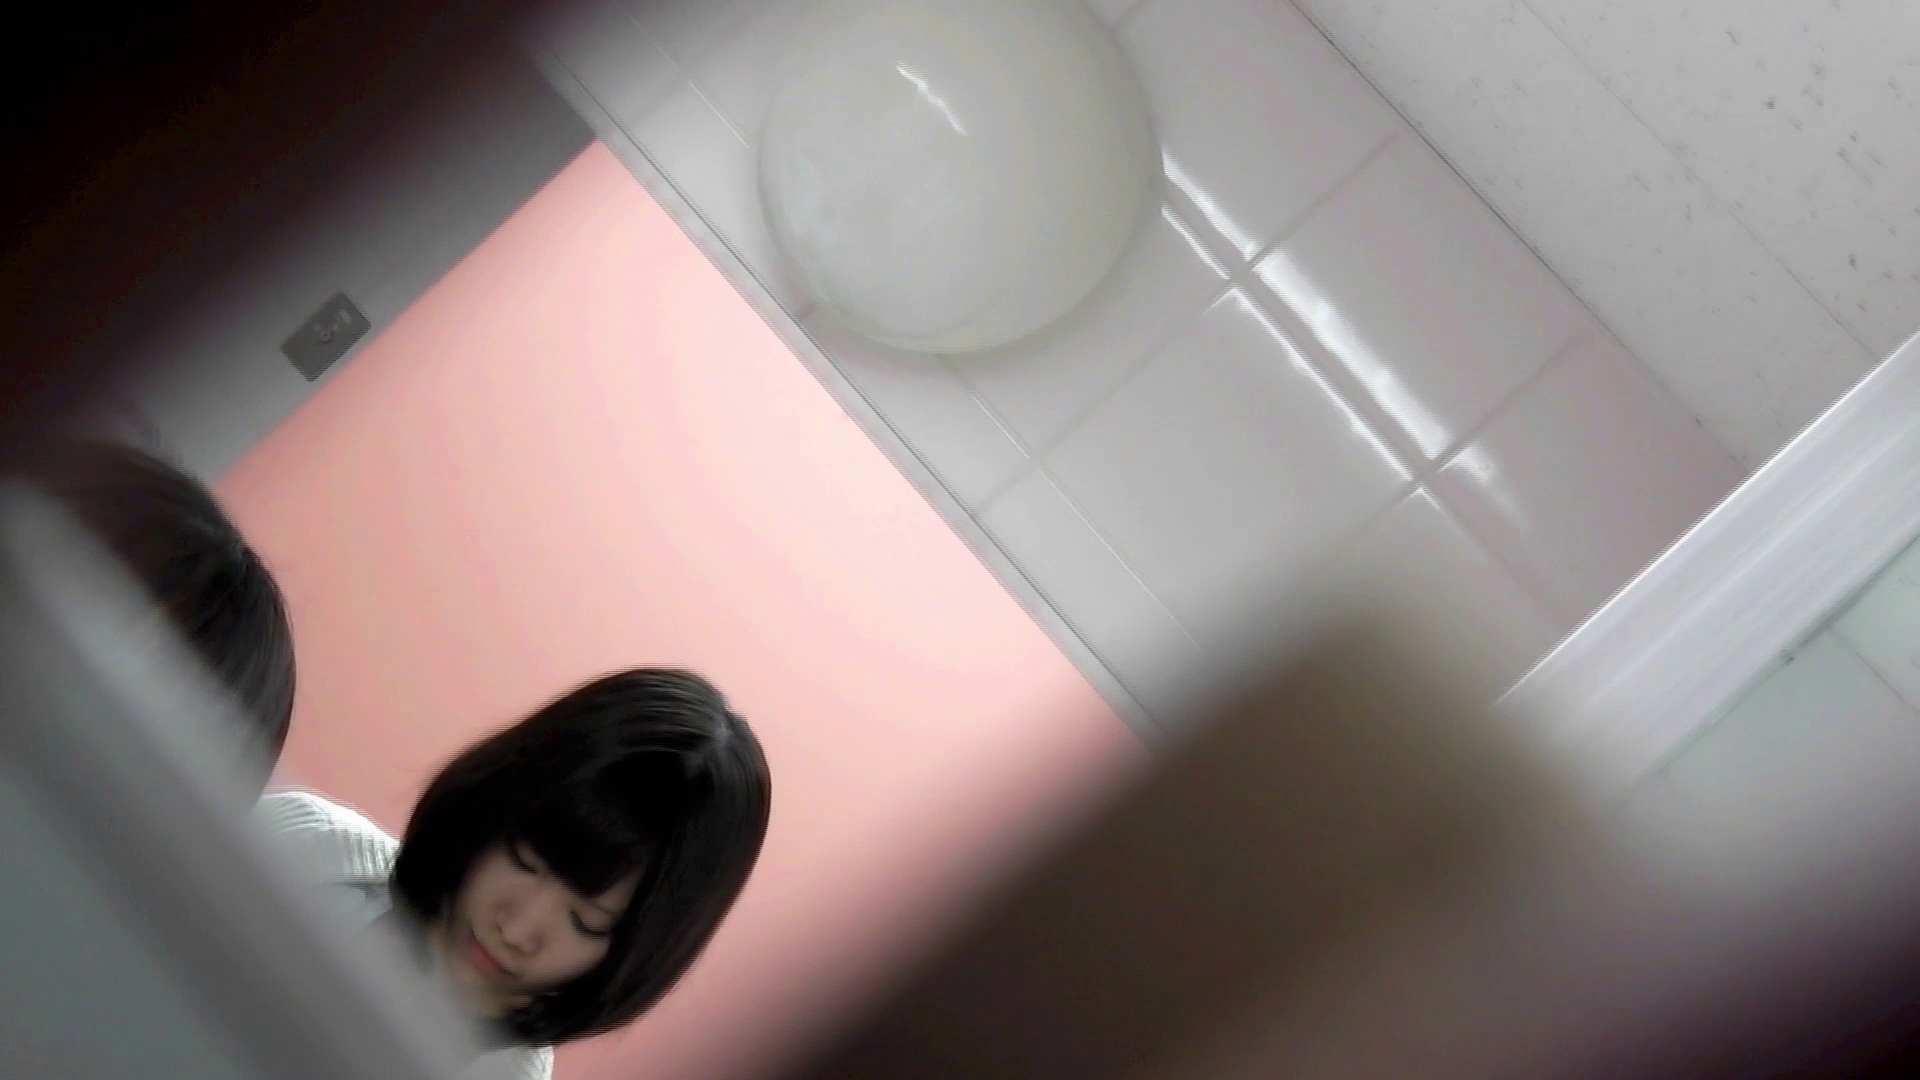 美しい日本の未来 No.29 豹柄サンダルは便秘気味??? おまんこ  109pic 13